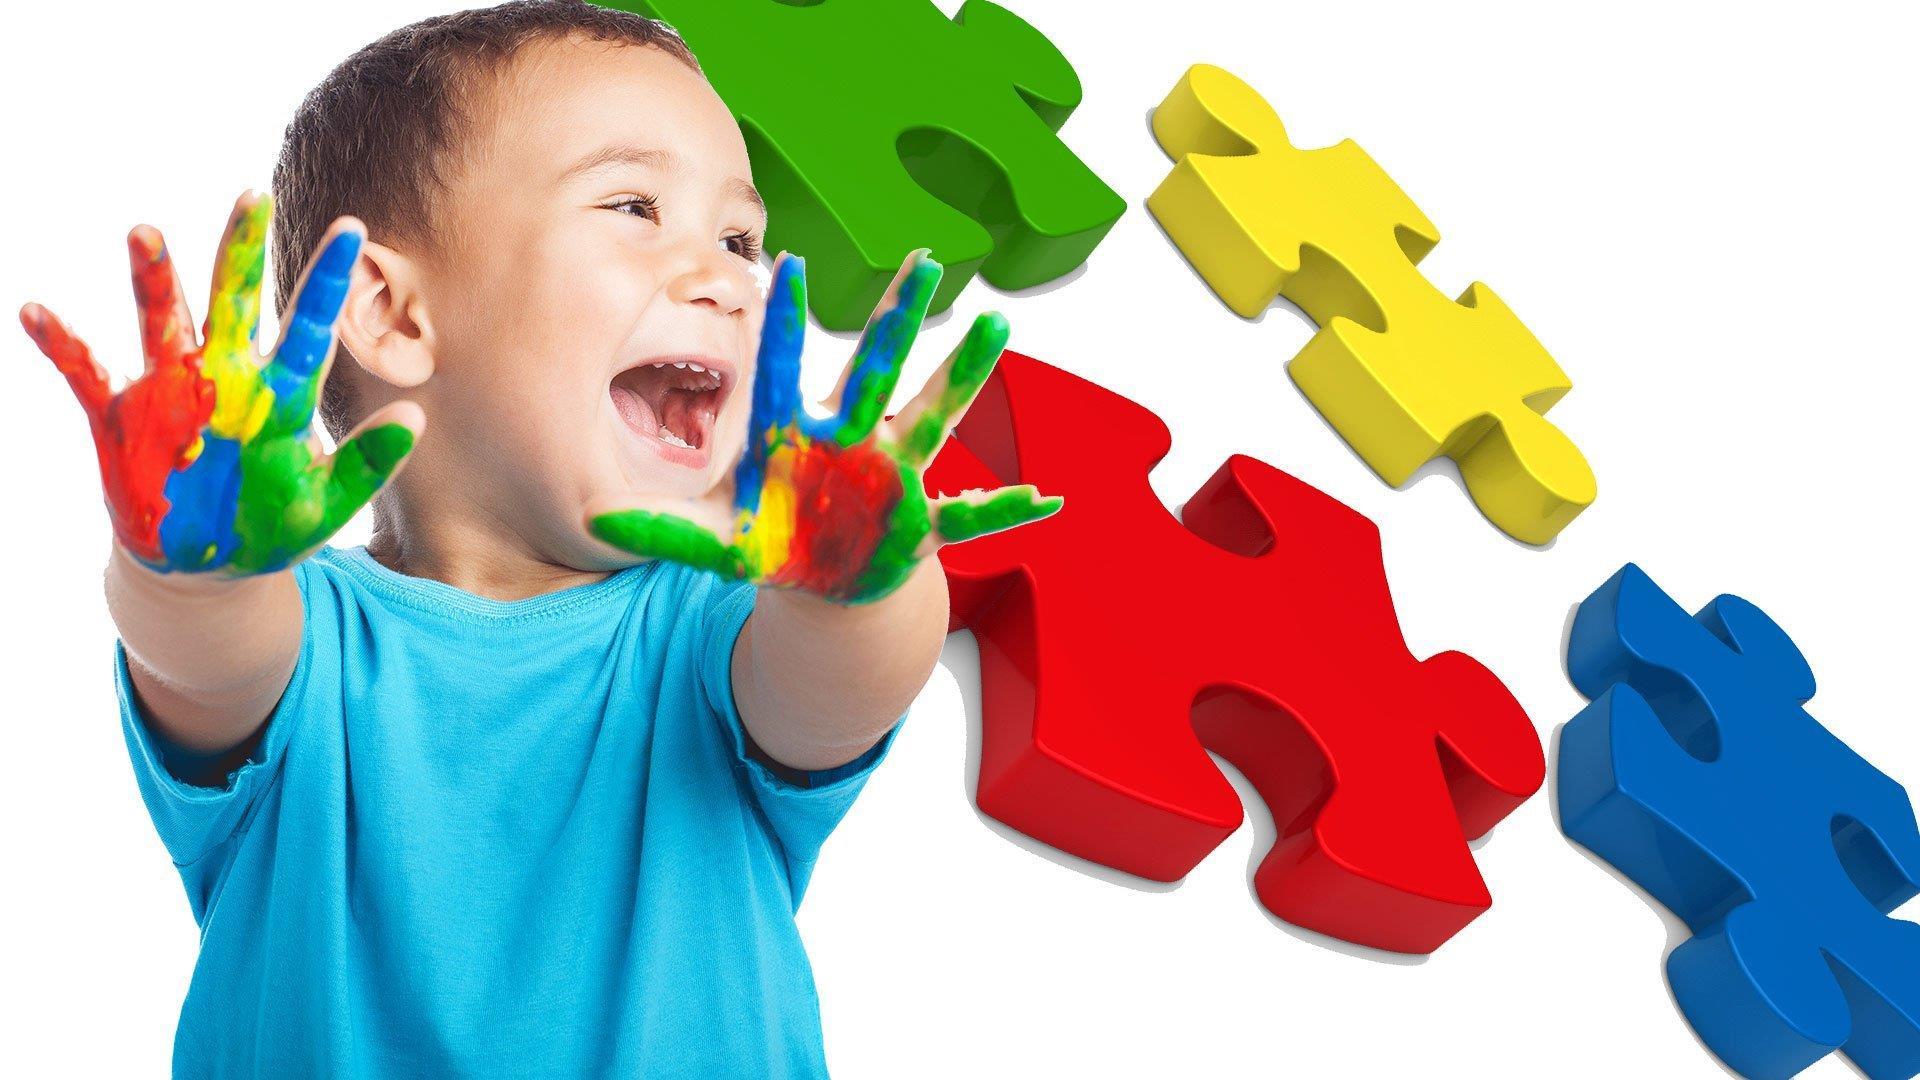 آموزش در کودکان دارای اتیسم چگونه انجام میشود